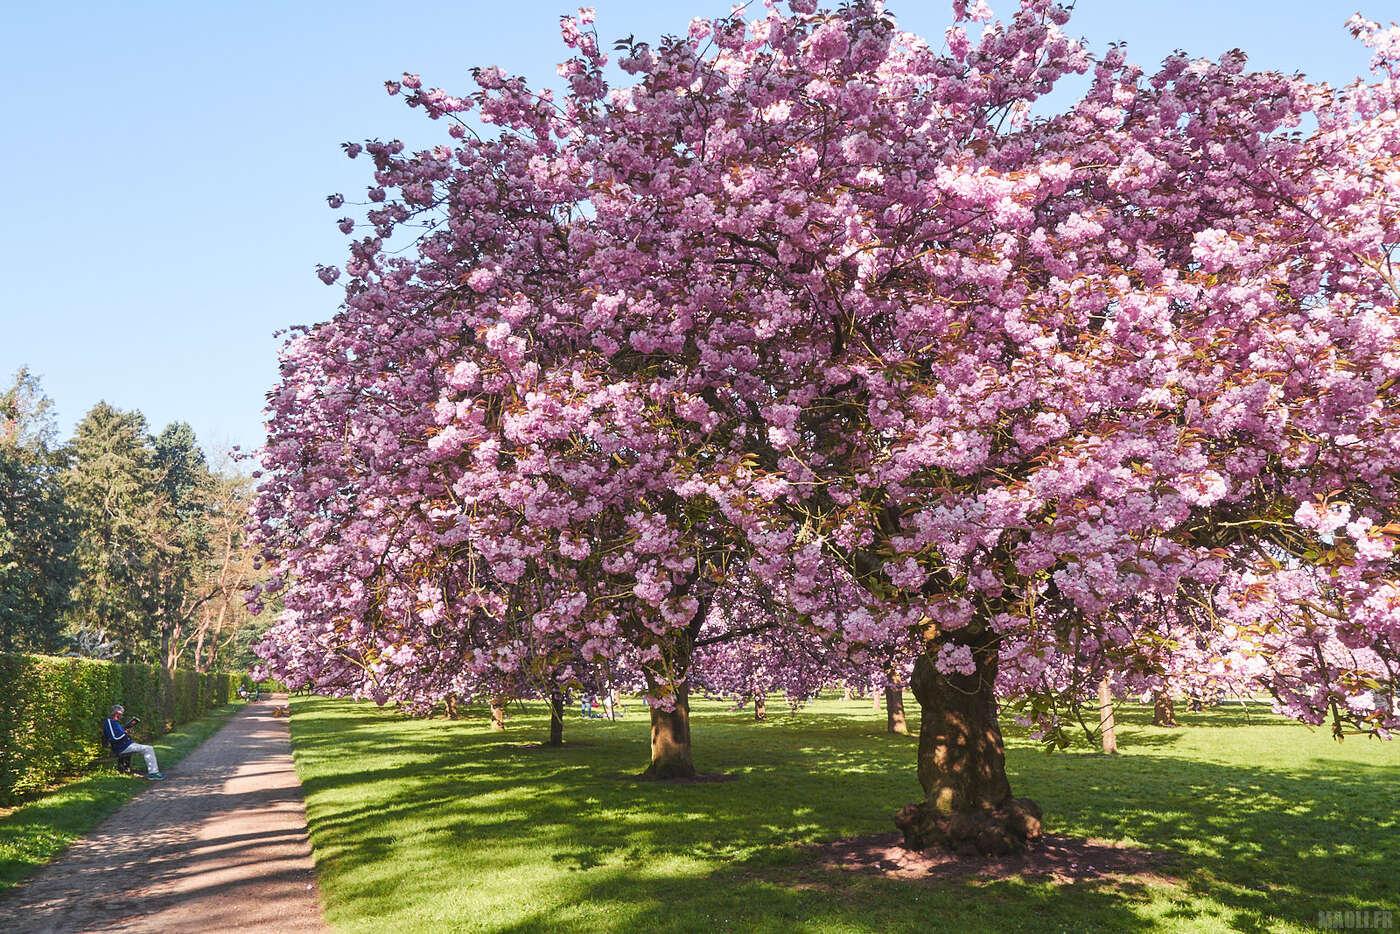 Verger de cerisiers roses - Parc de Sceaux